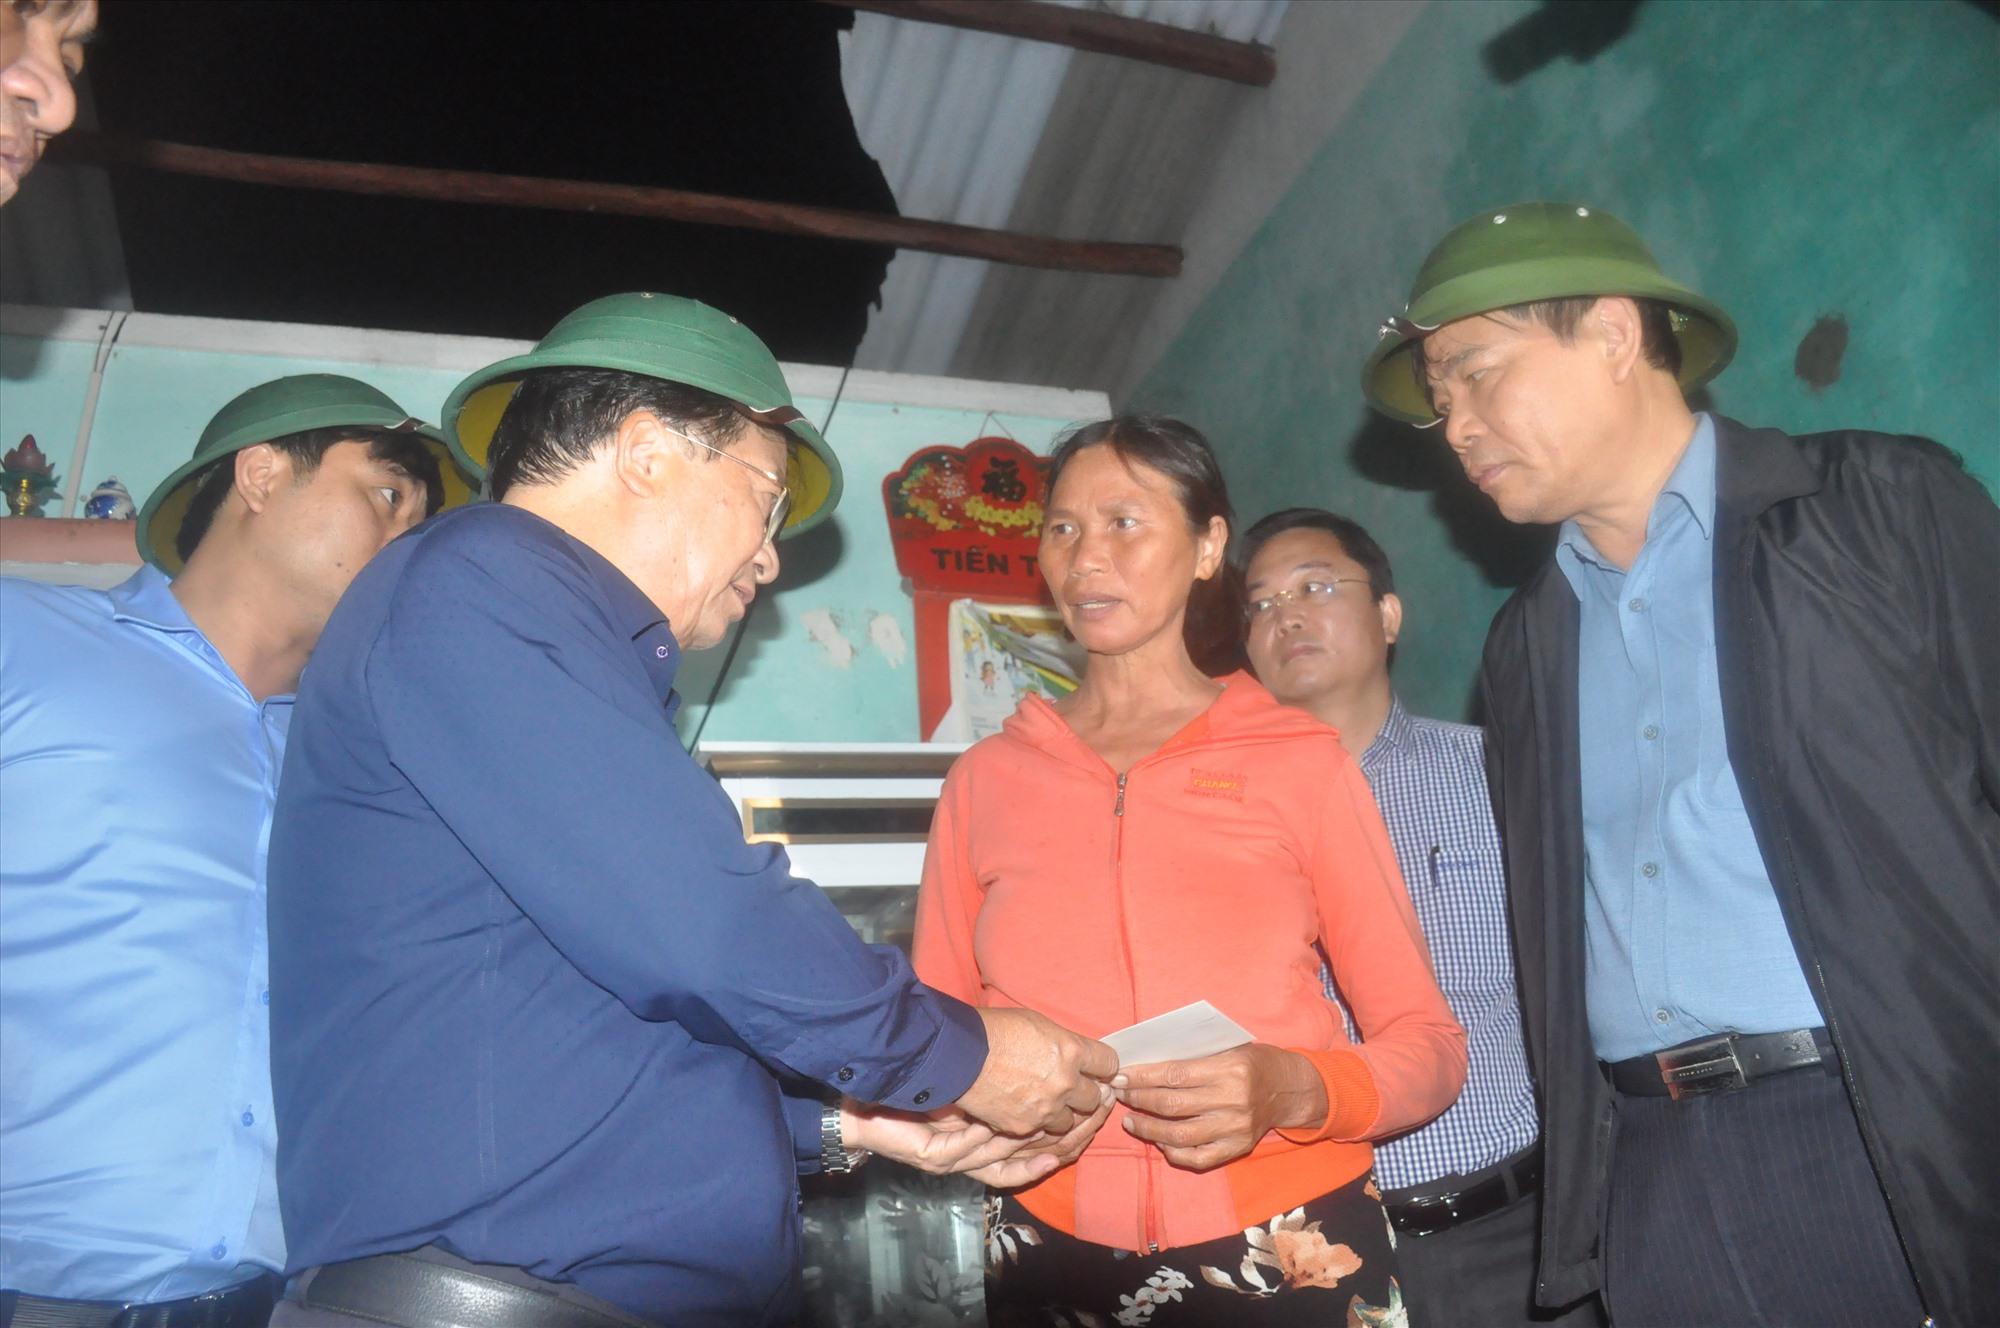 Phó Thủ tướng Trịnh Đình Dũng tặng quà hỗ trợ cho một hộ dân ở xã Bình Minh có nhà bị tốc mái do bão. Ảnh: N.Đ